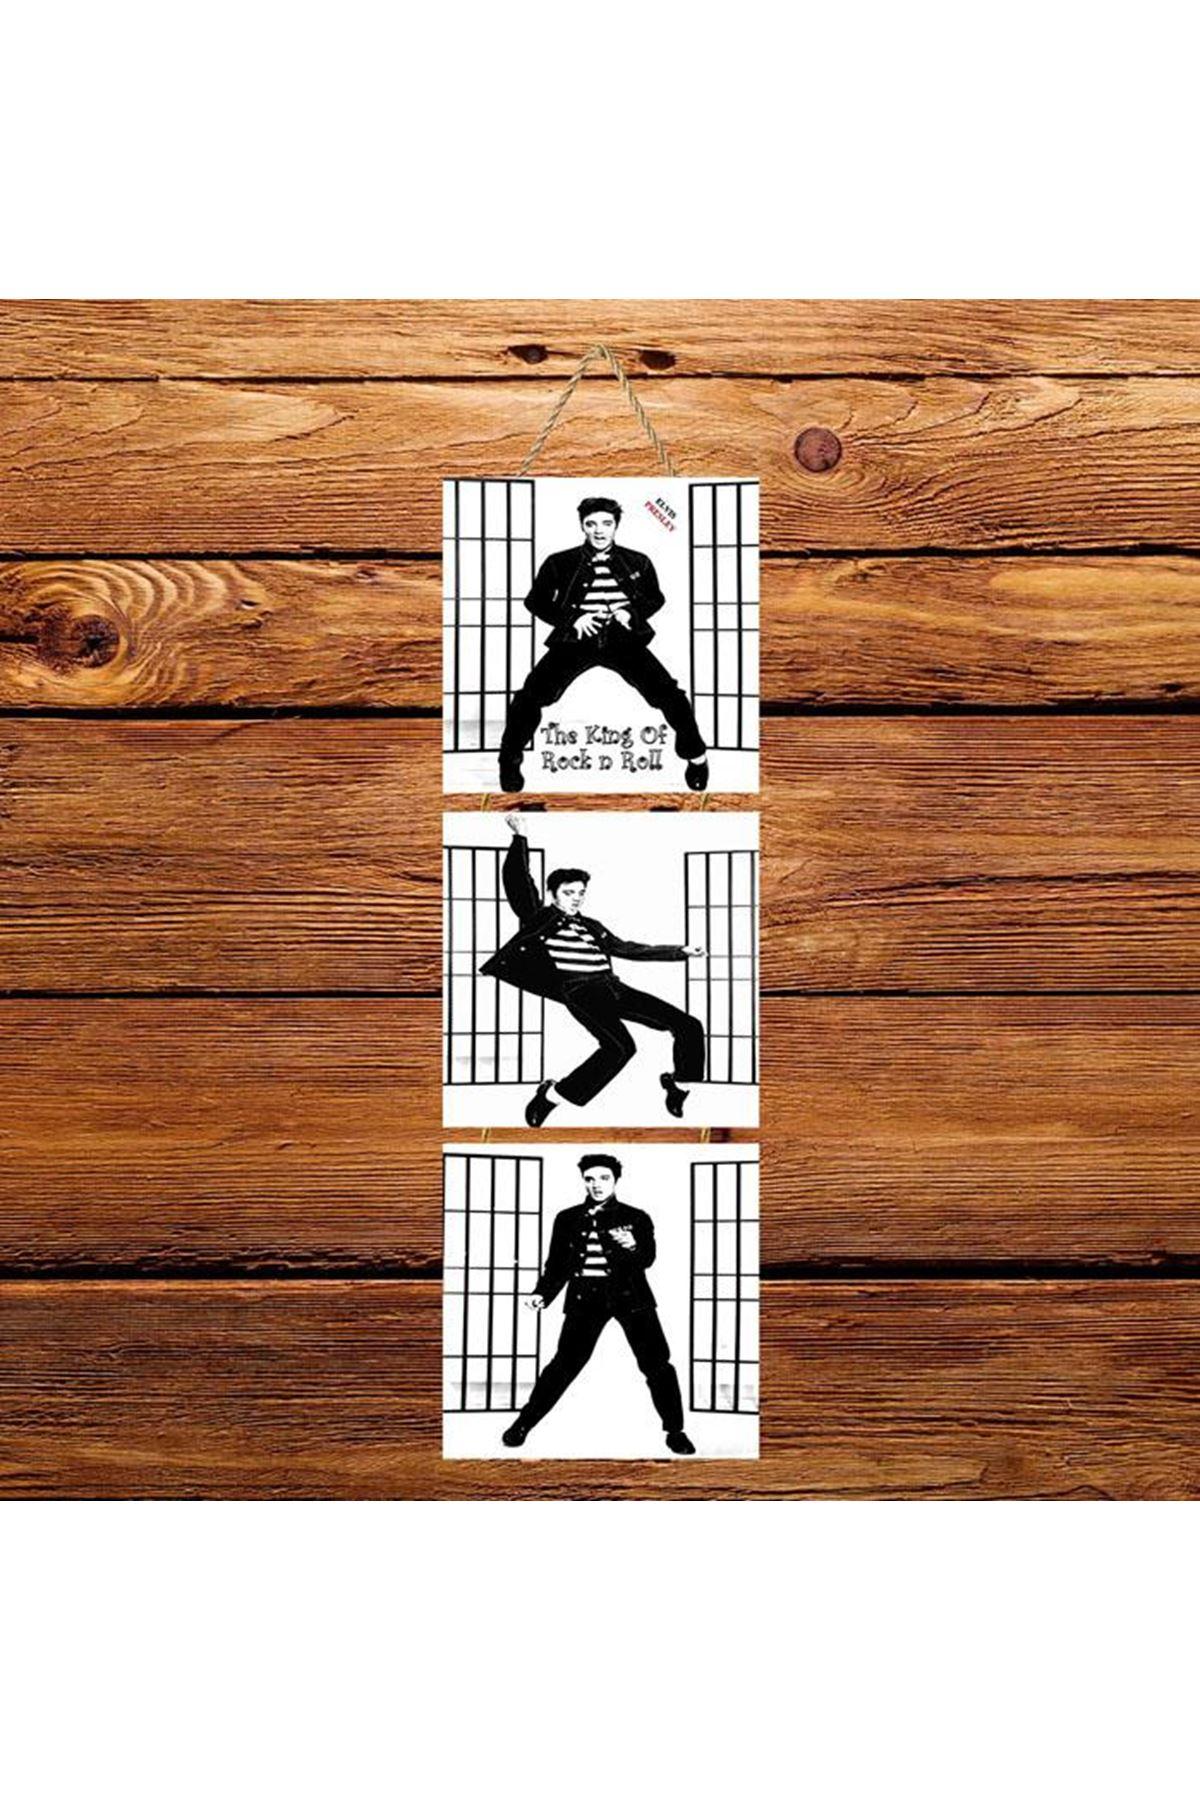 Michael Jackson Dans  -  3'lü Kabartmasız Poster Kopyası